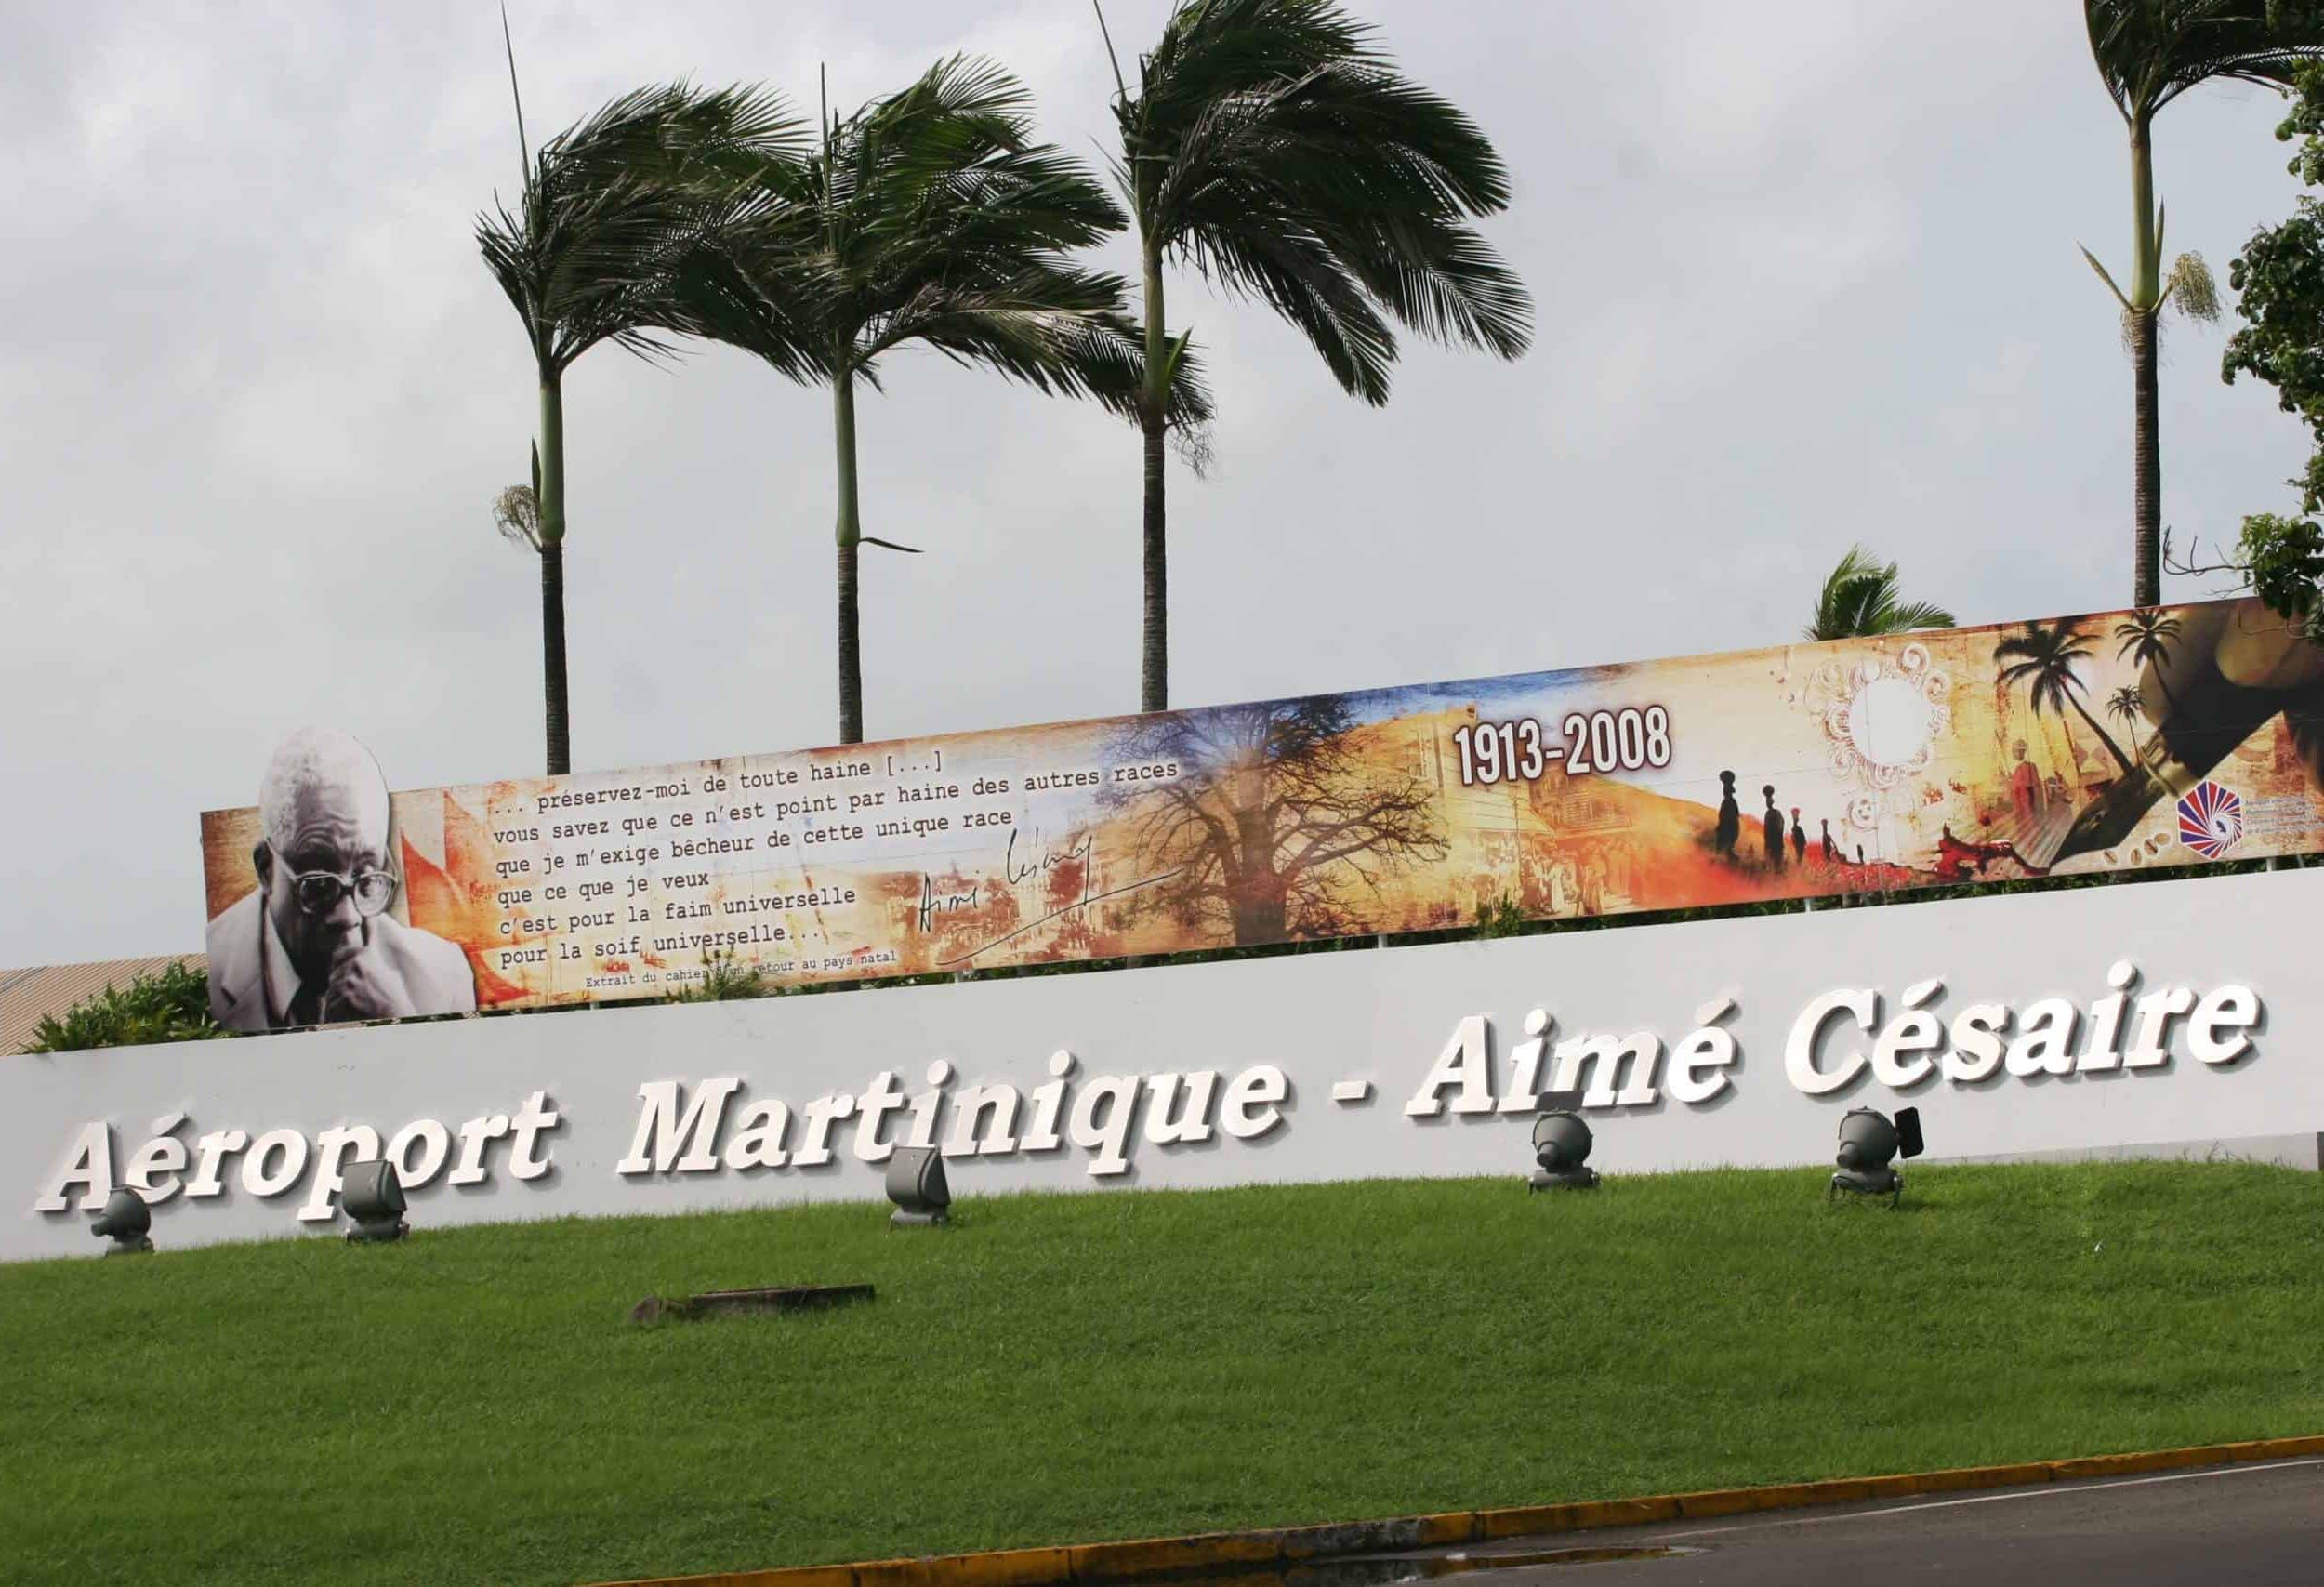 Ront point de l'aéroport Martinique - Aimé Césaire